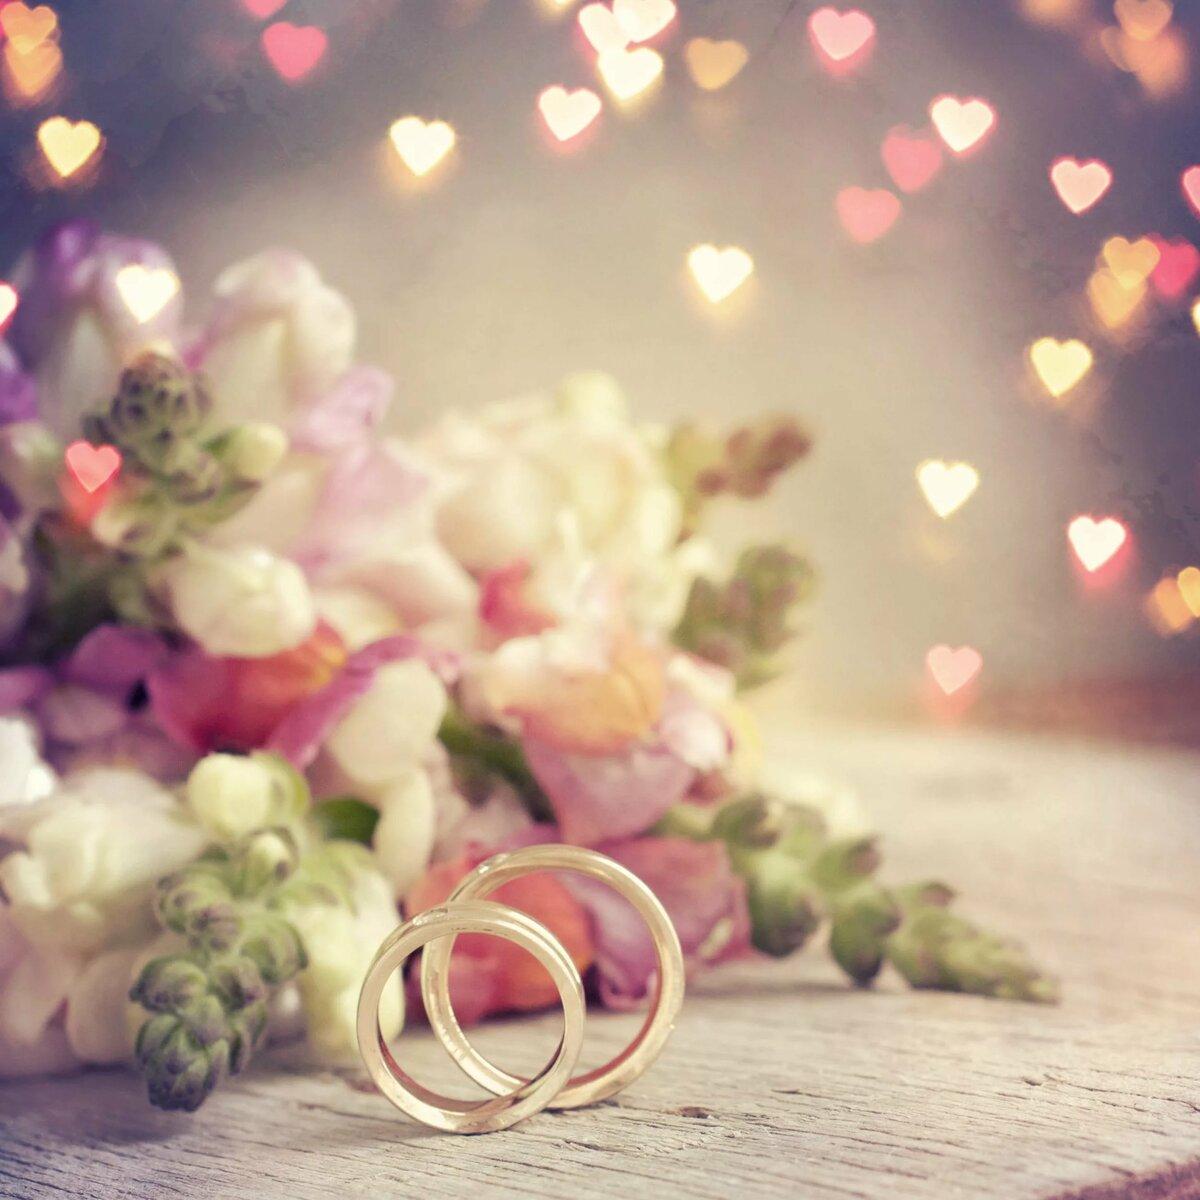 Открытки поздравление с годовщиной свадьбы 10 лет, как